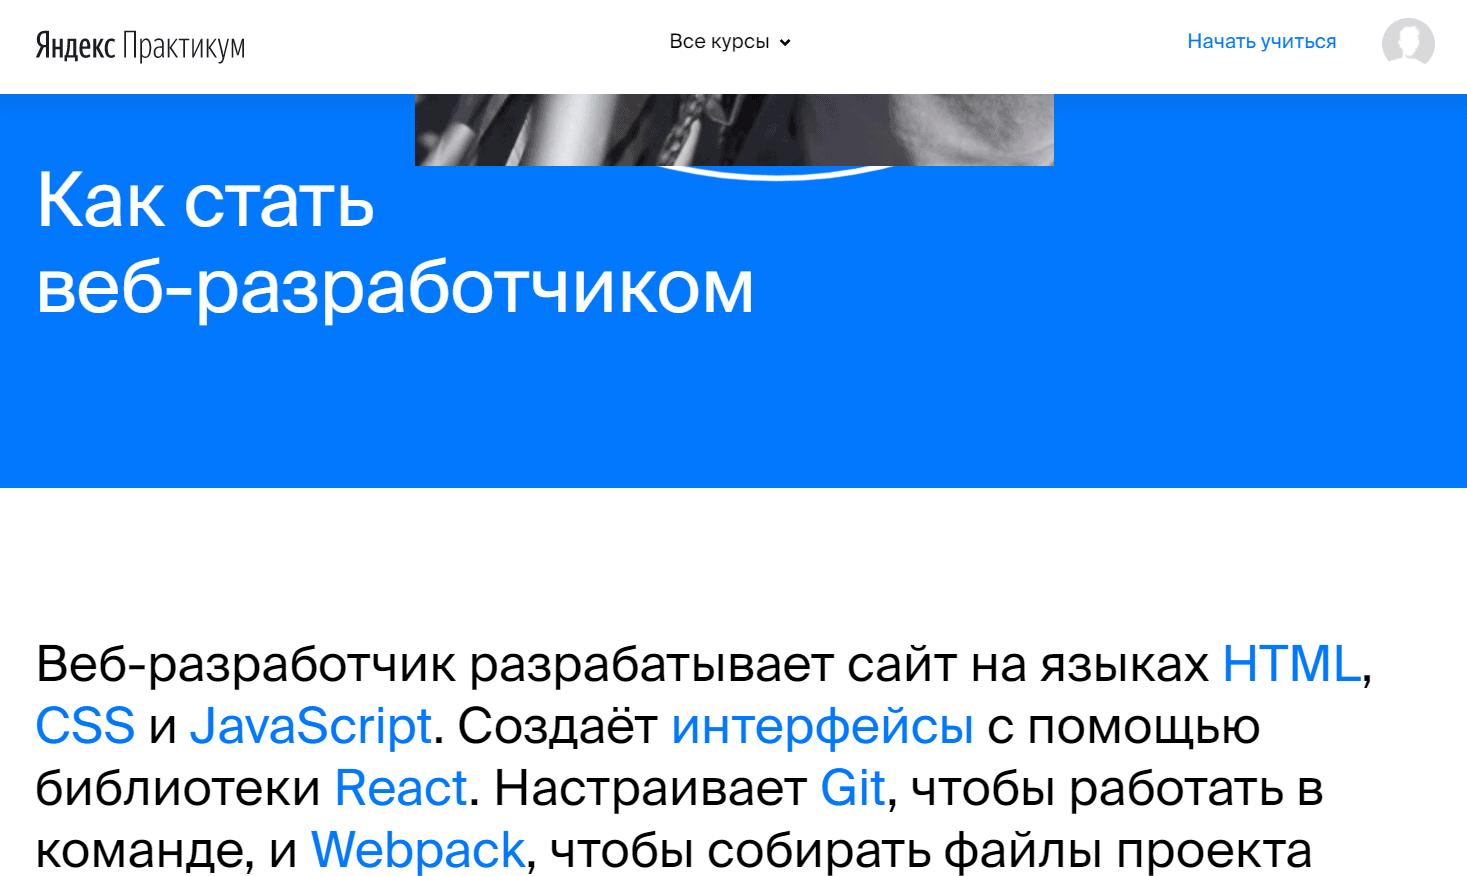 Как стать веб-разработчиком — Яндекс.Практикум